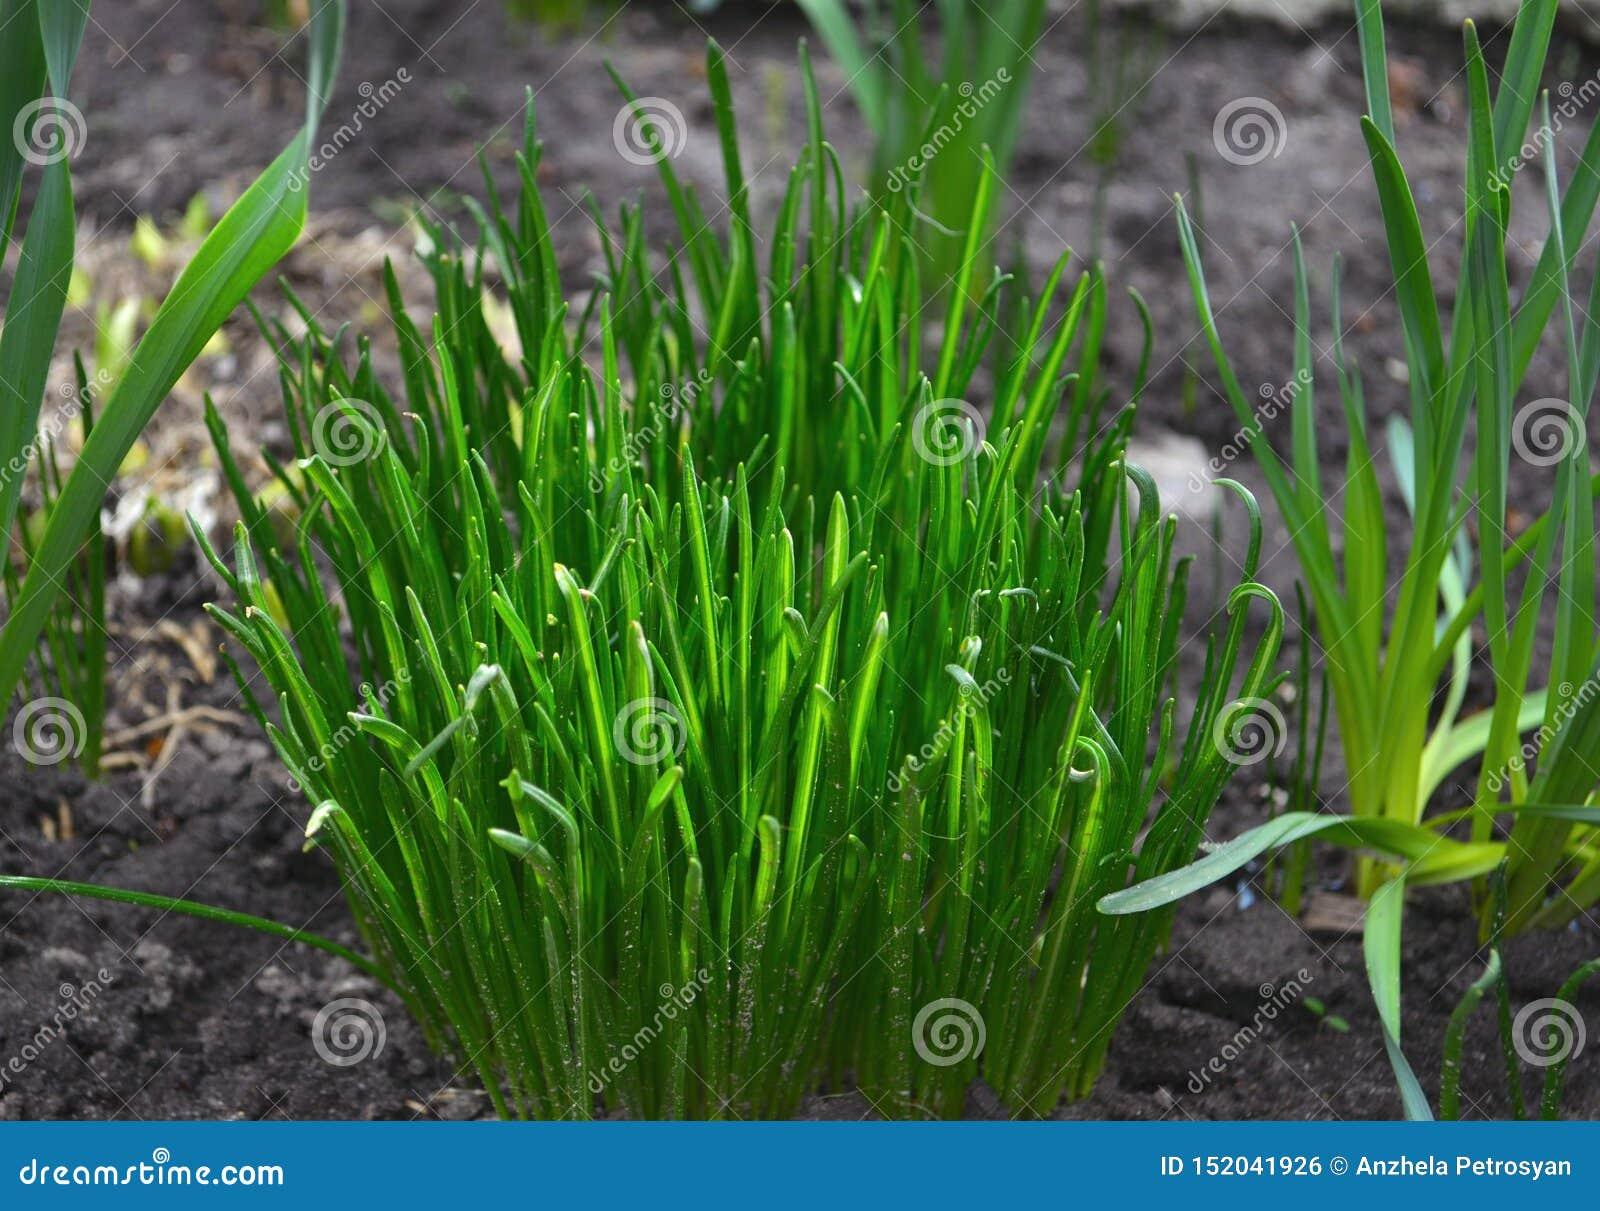 Bush green grass. Spring grass